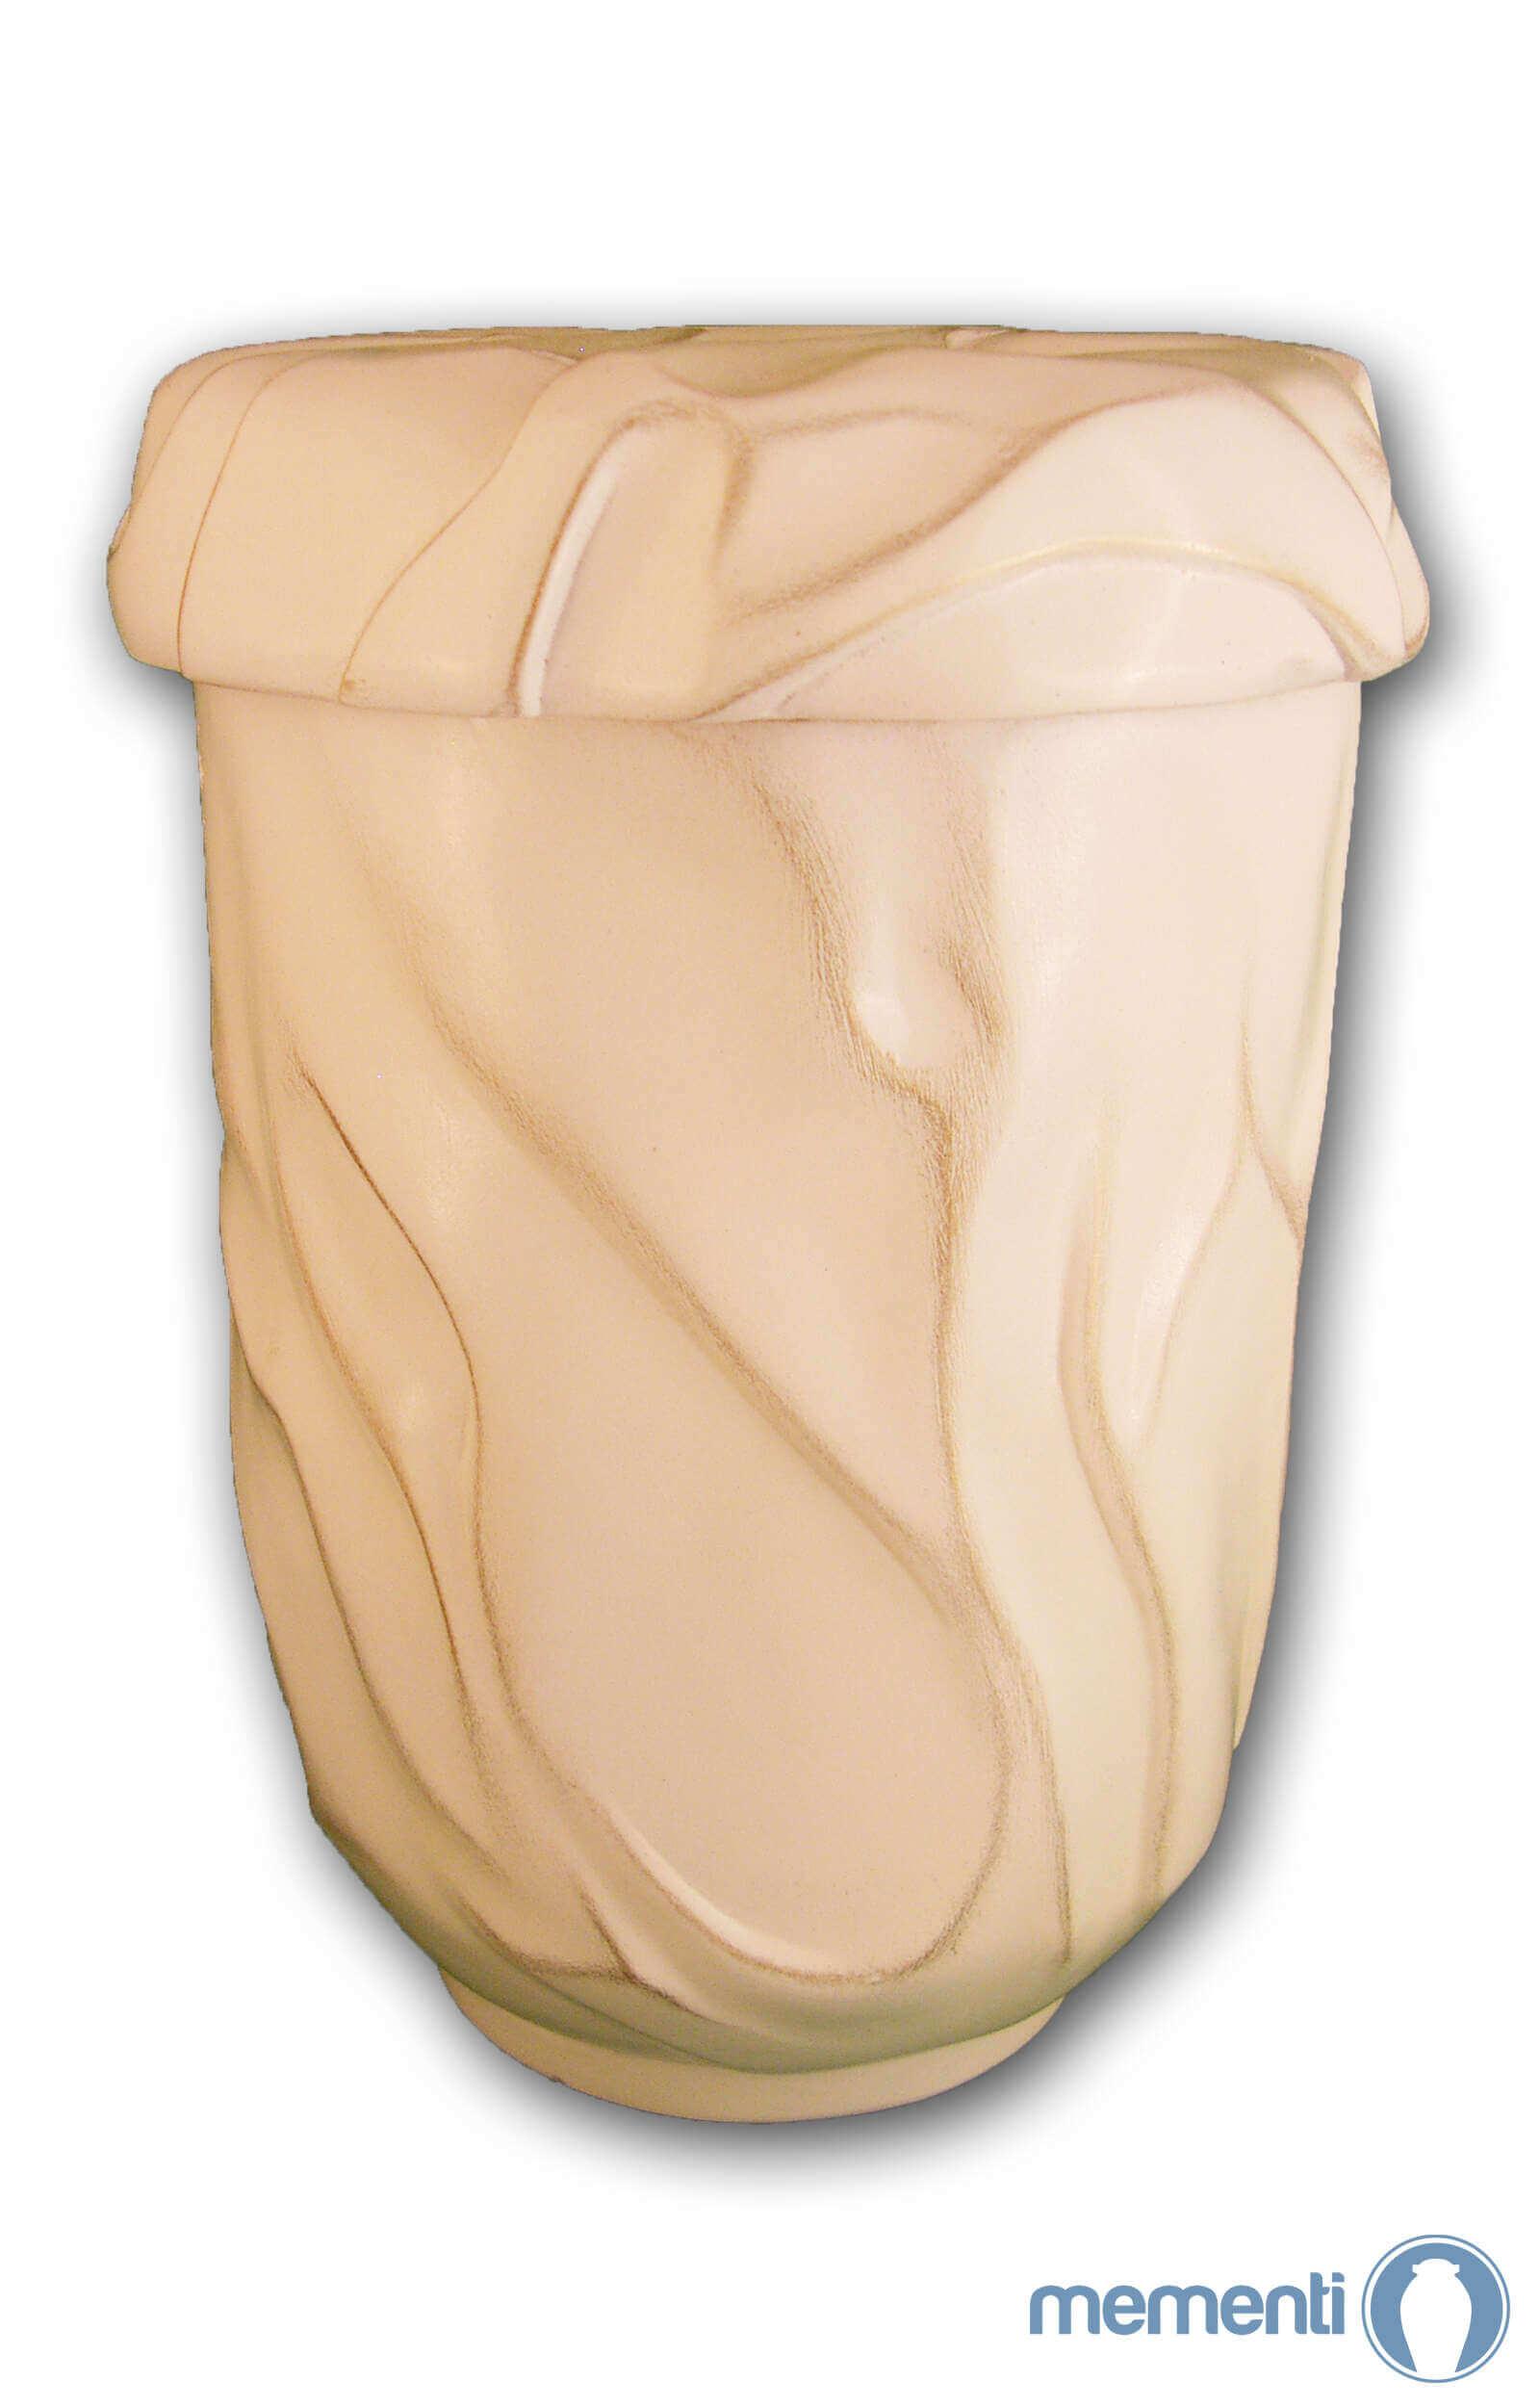 de KW1532 keramik urne cremeweiss meer der stille urnen kaufen